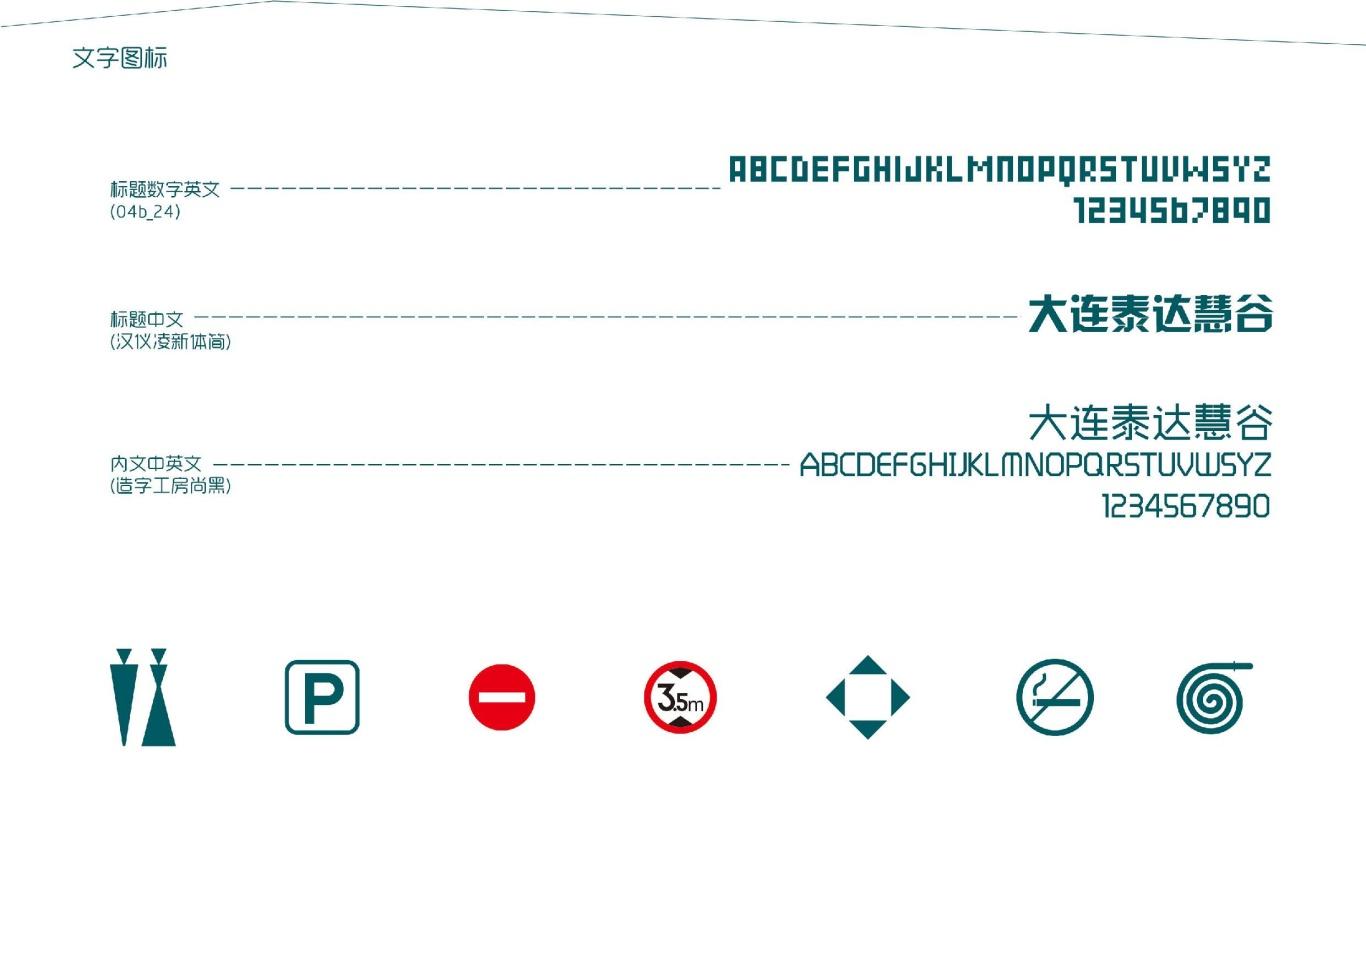 大连泰达慧谷开发区导视系统设计图23